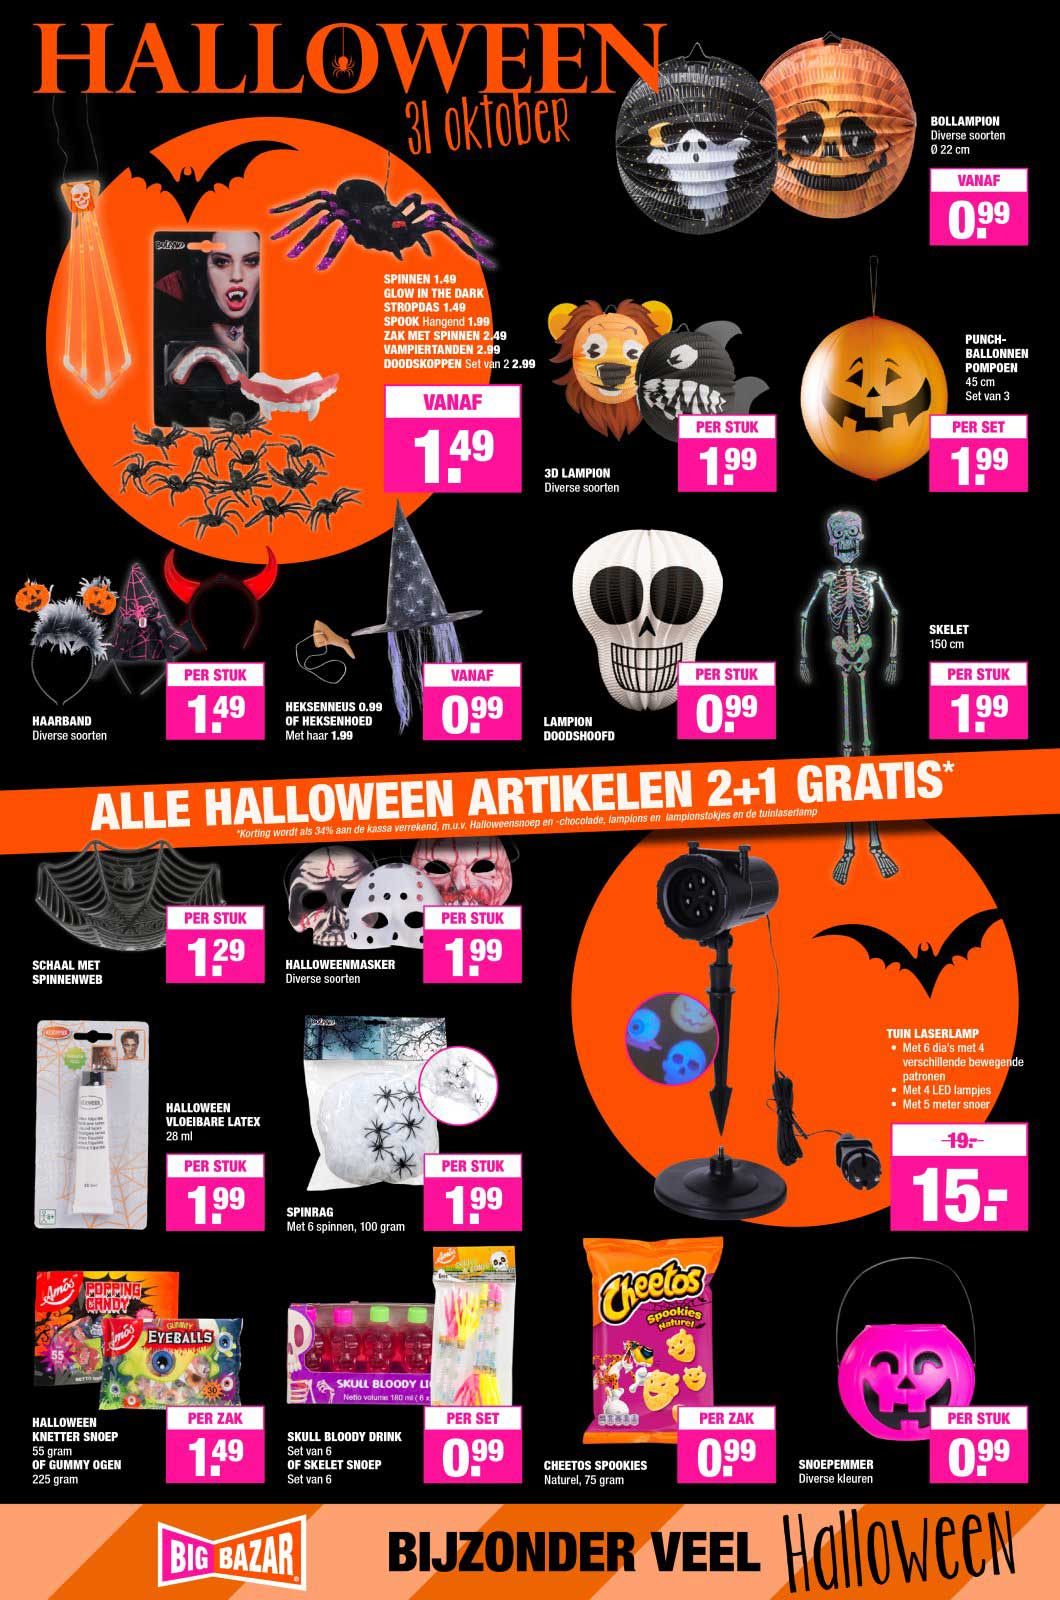 Big Bazar Alle Halloween Artikelen: 2+1 Gratis